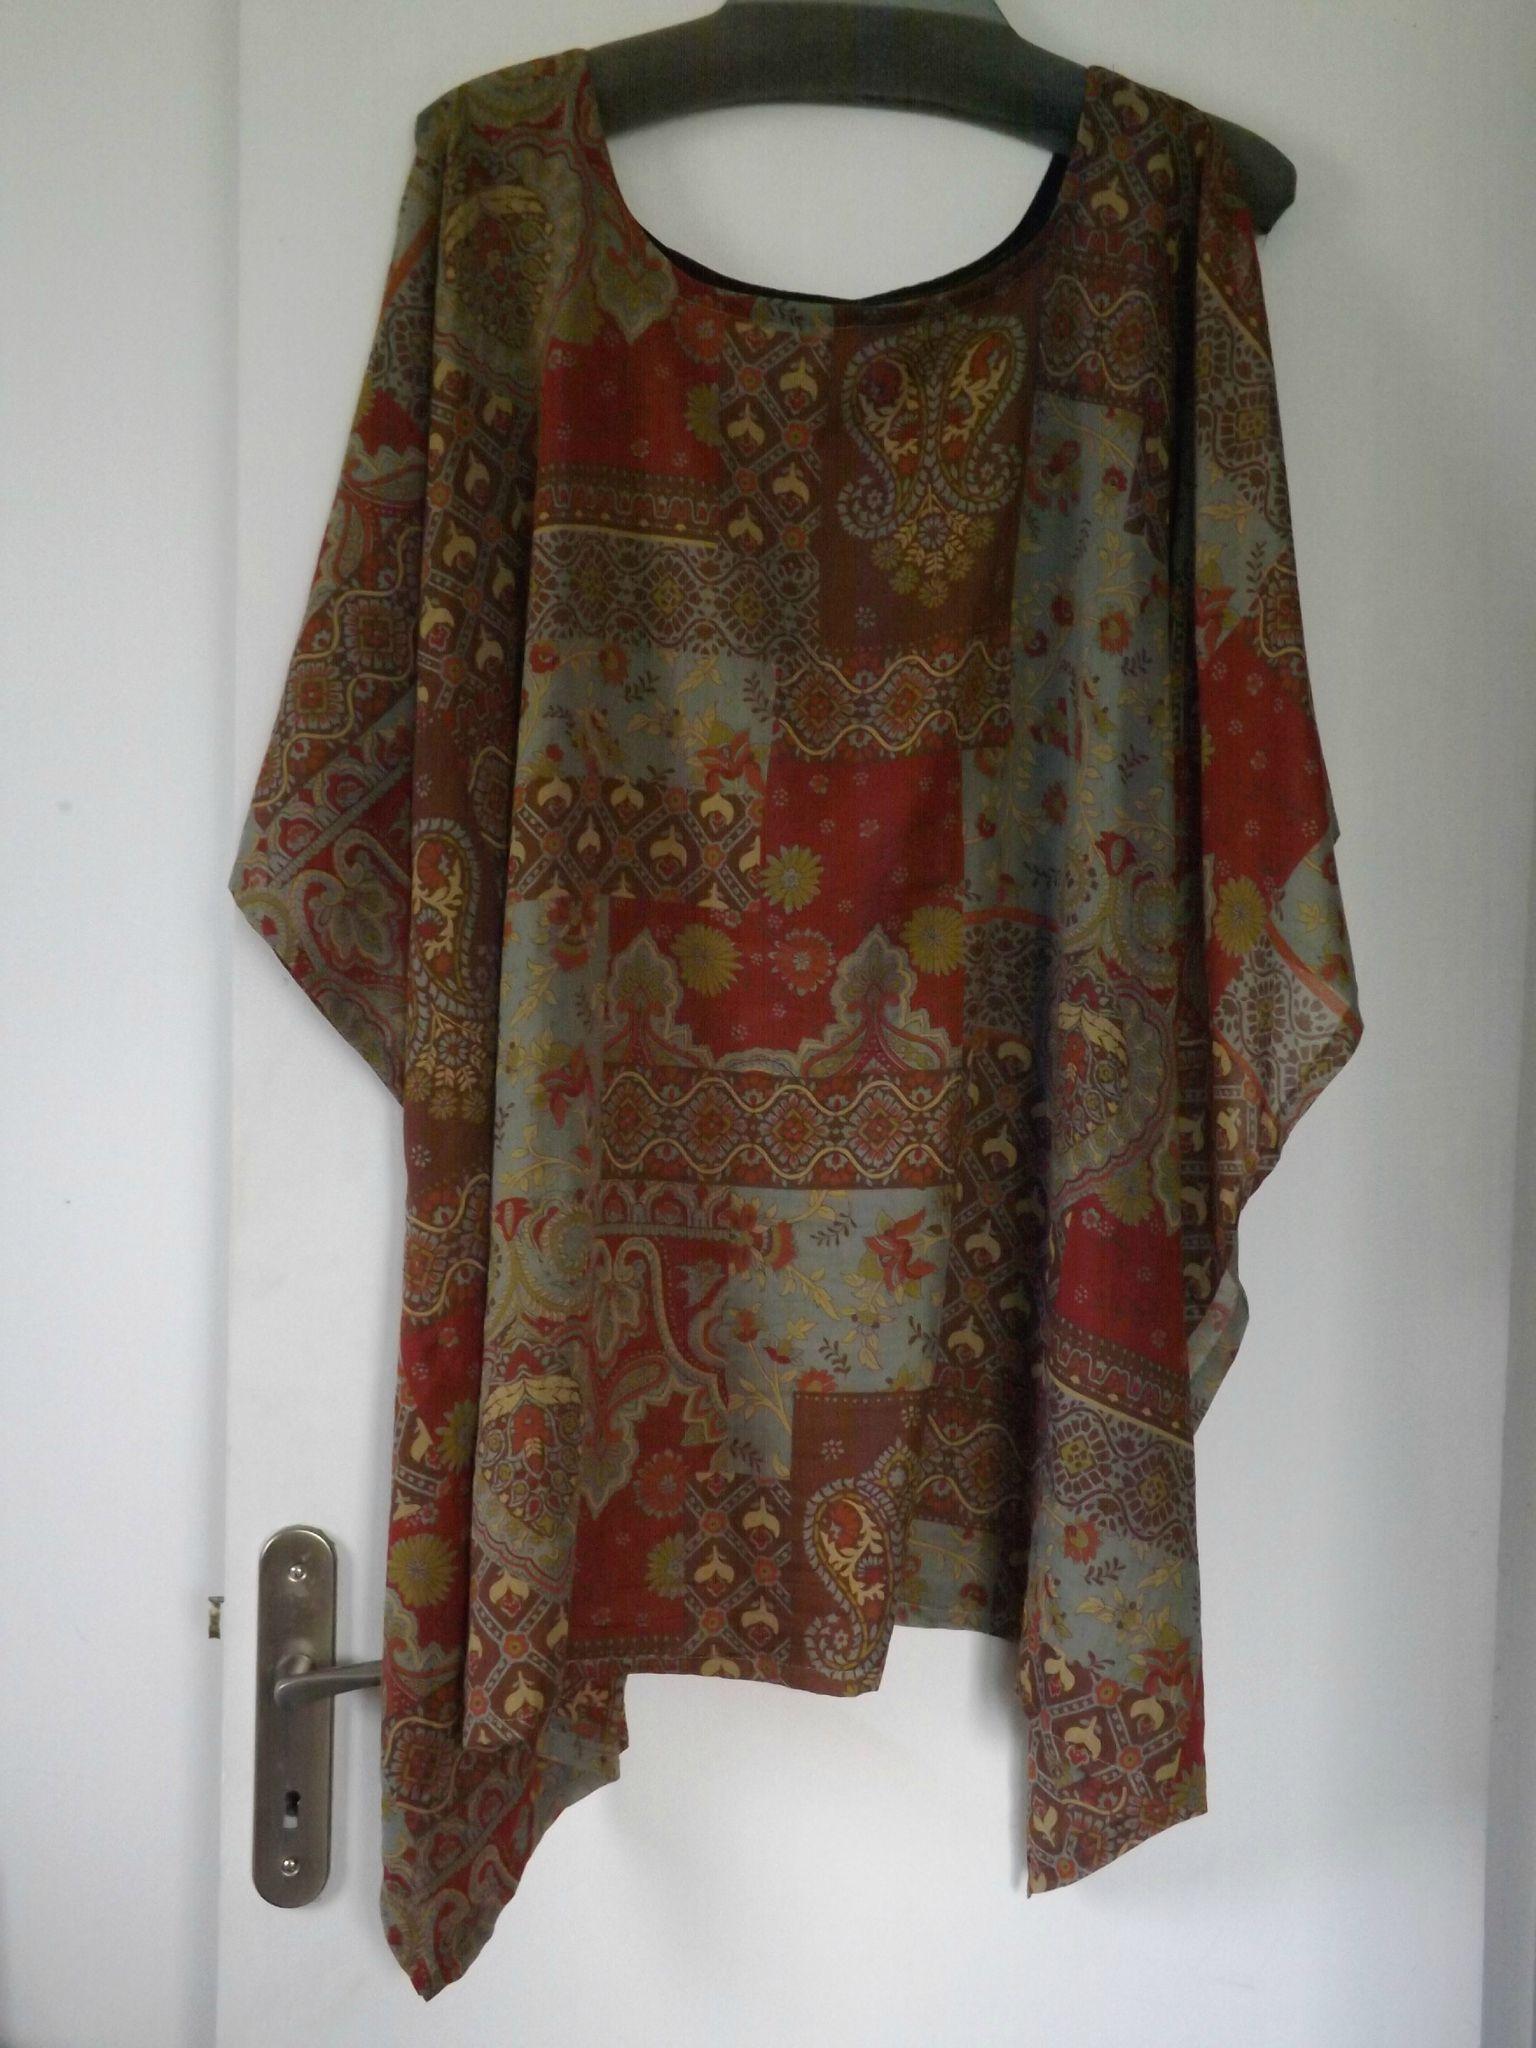 tuniques grande taille pas ch re les d cos de la flo couture pinterest tuniques grande. Black Bedroom Furniture Sets. Home Design Ideas